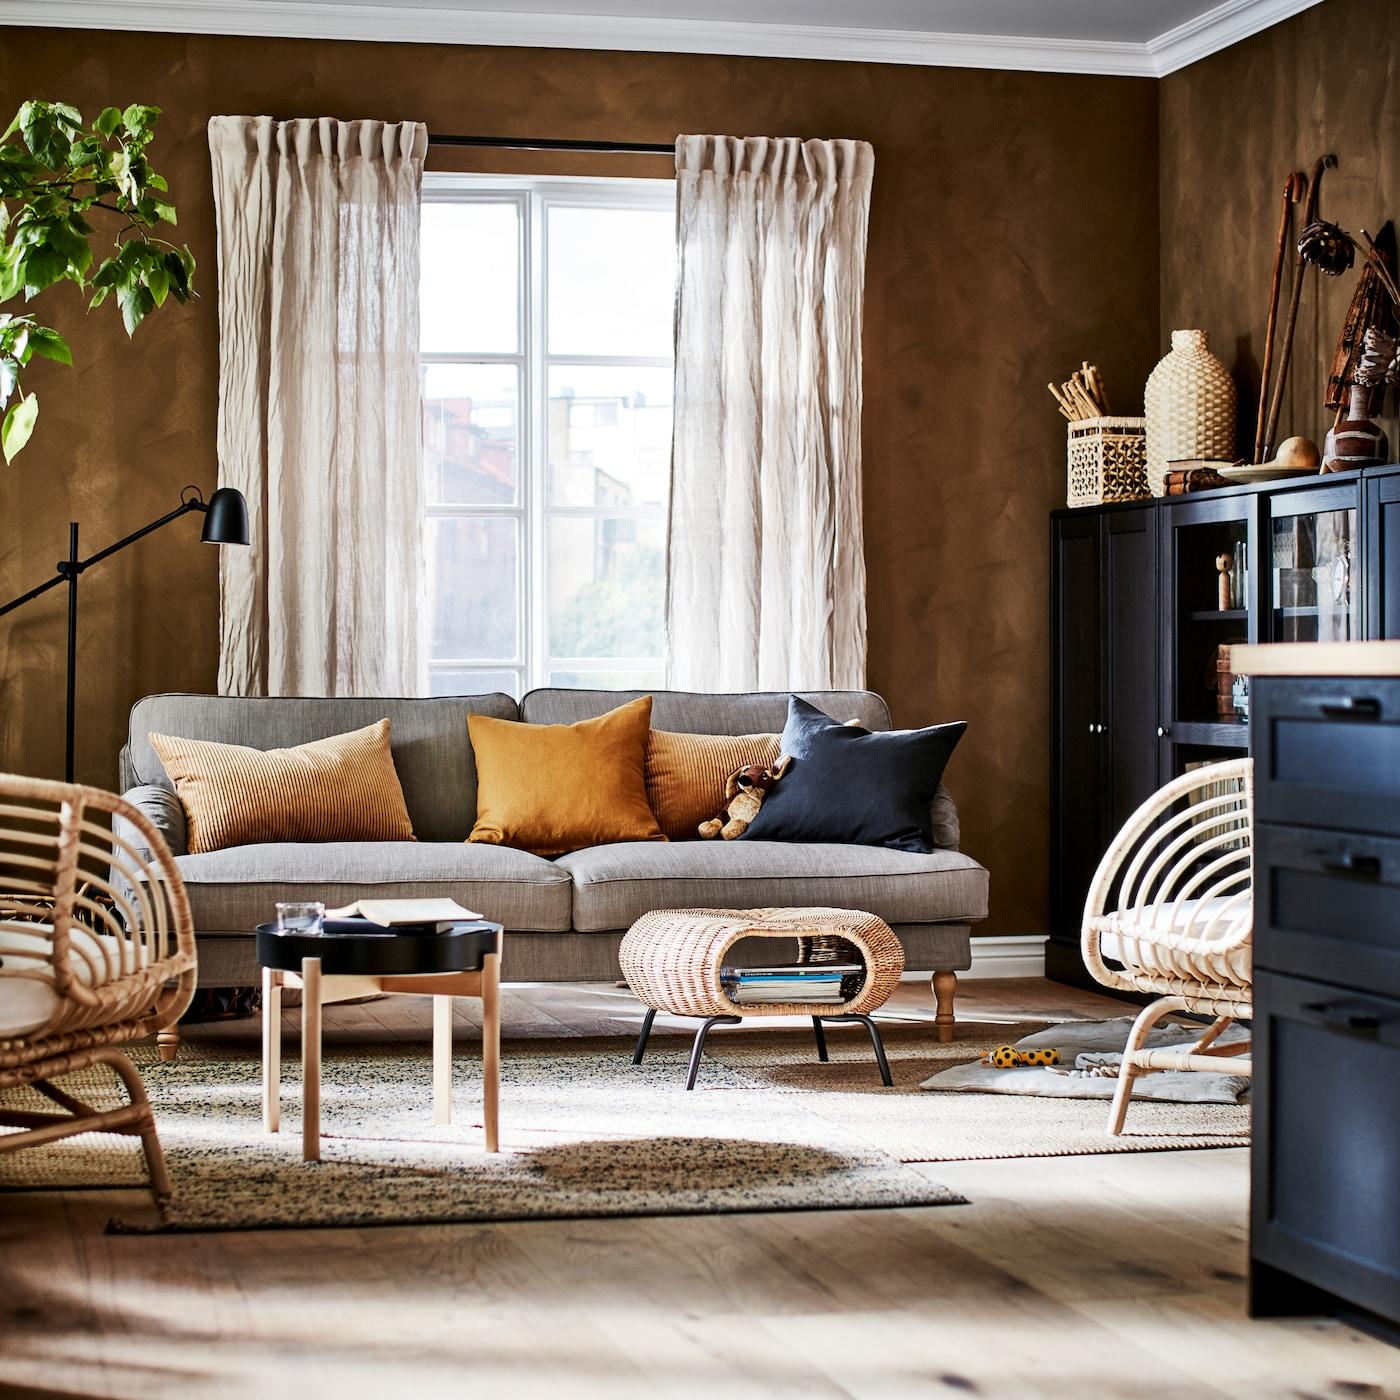 Pokój dzienny z szarobeżową sofą, dwoma jutowymi dywanami, dwoma rattanowymi fotelami, beżowymi lnianymi zasłonami i ciemnobrązowymi szafkami.